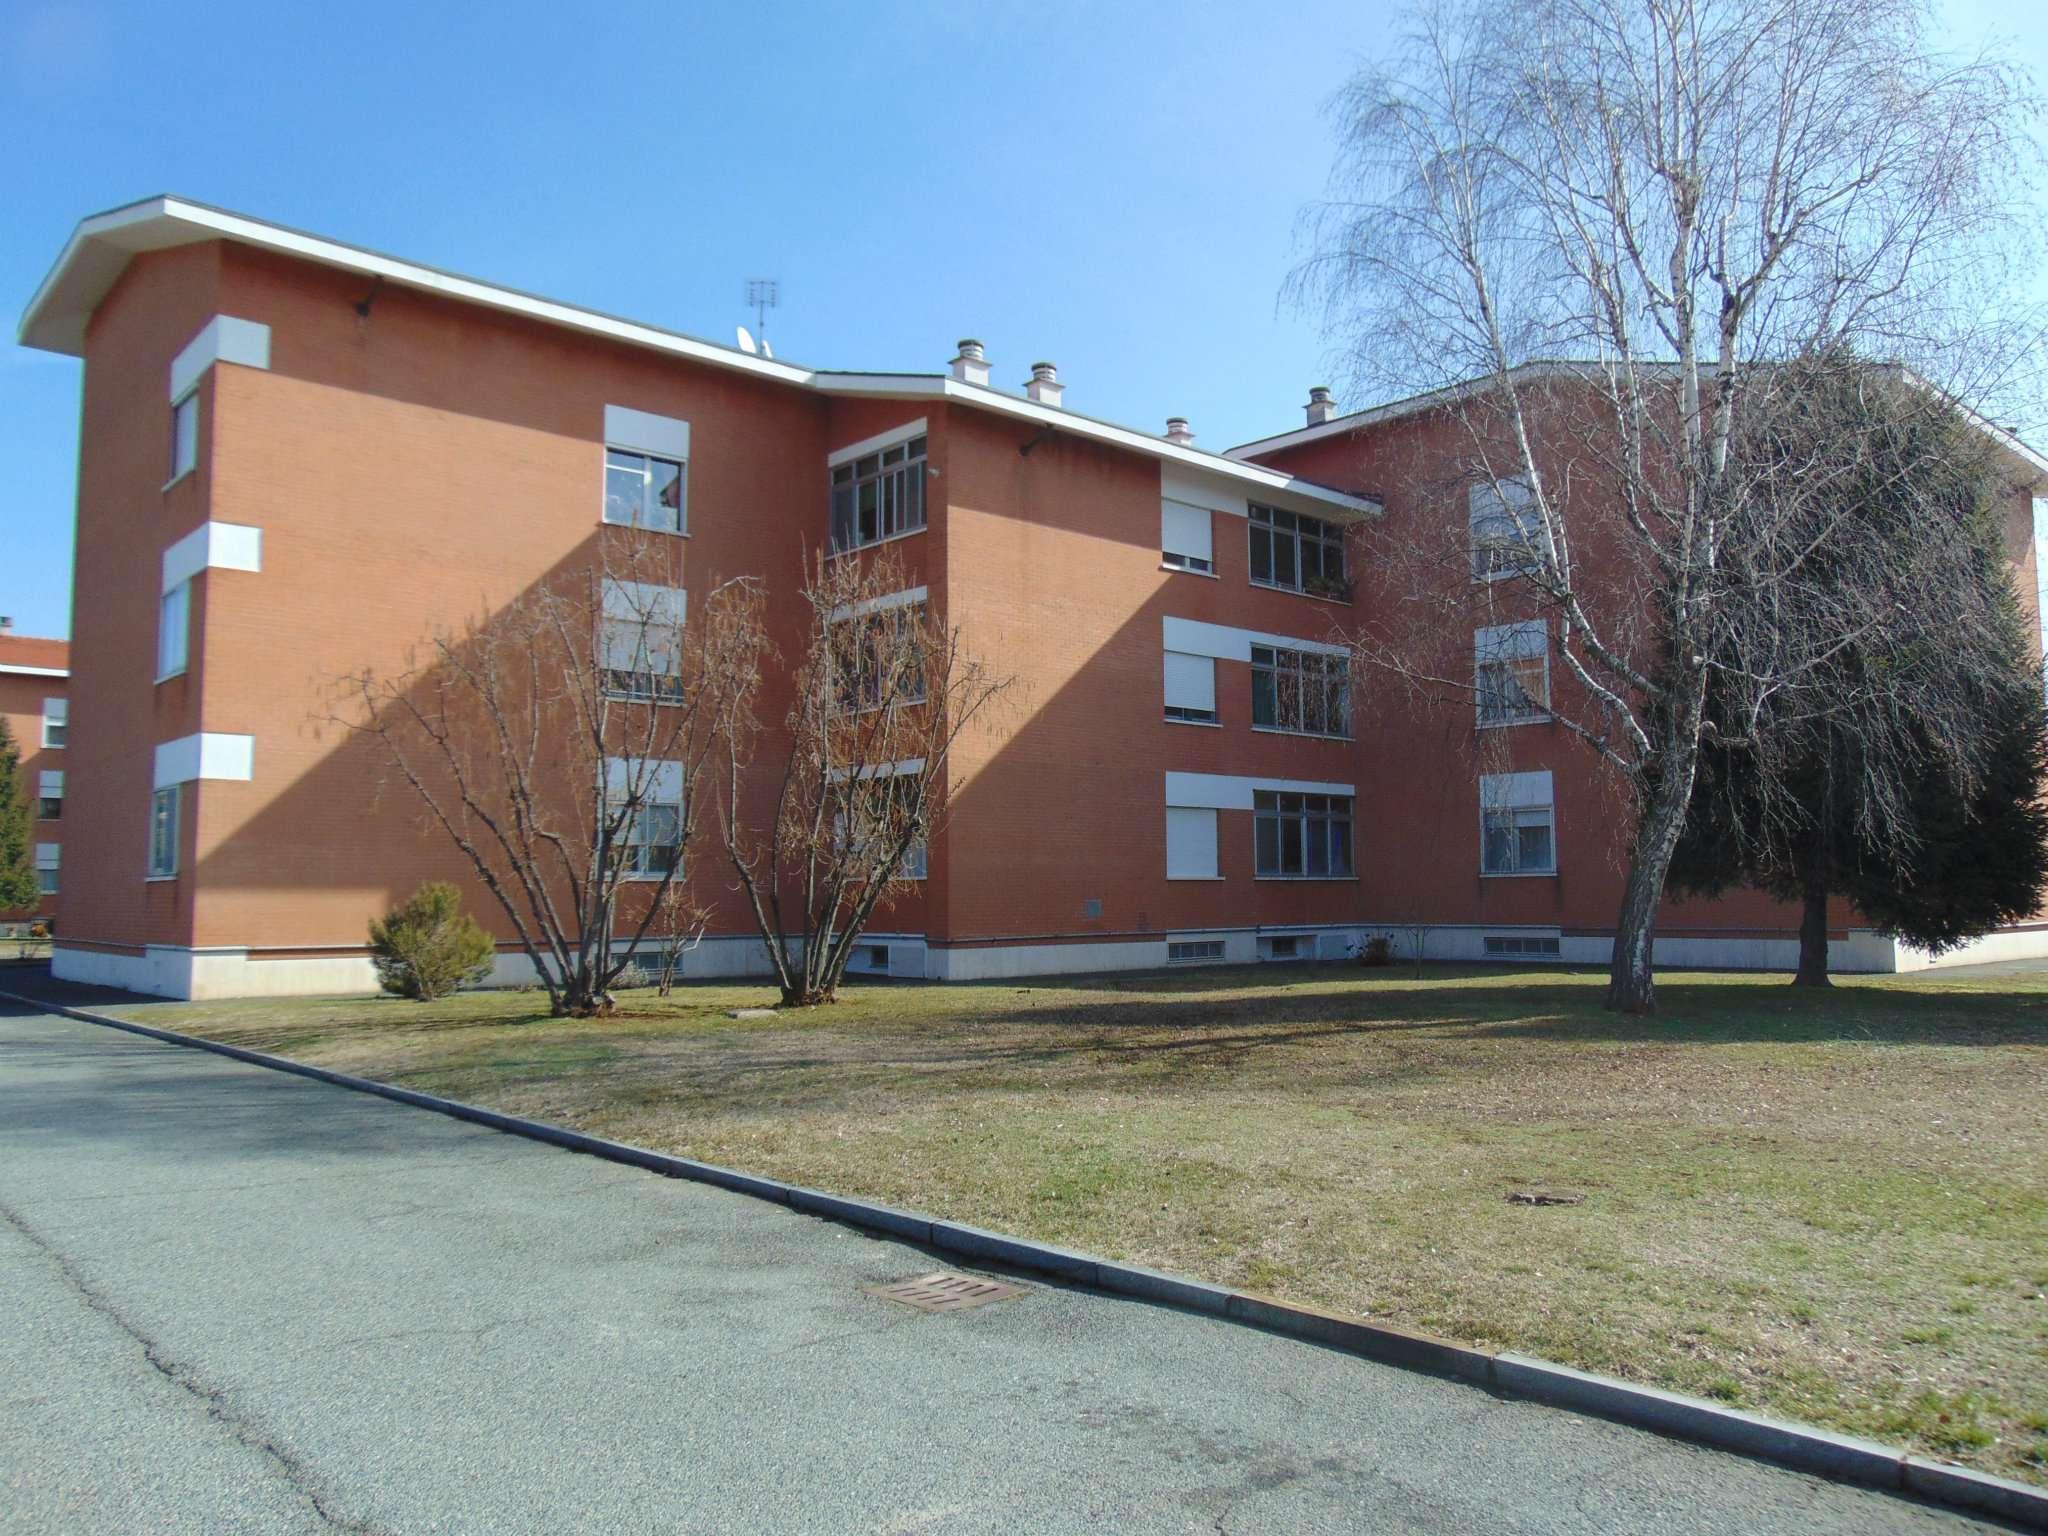 Appartamento in vendita a Rivalta di Torino, 4 locali, prezzo € 99.000 | CambioCasa.it